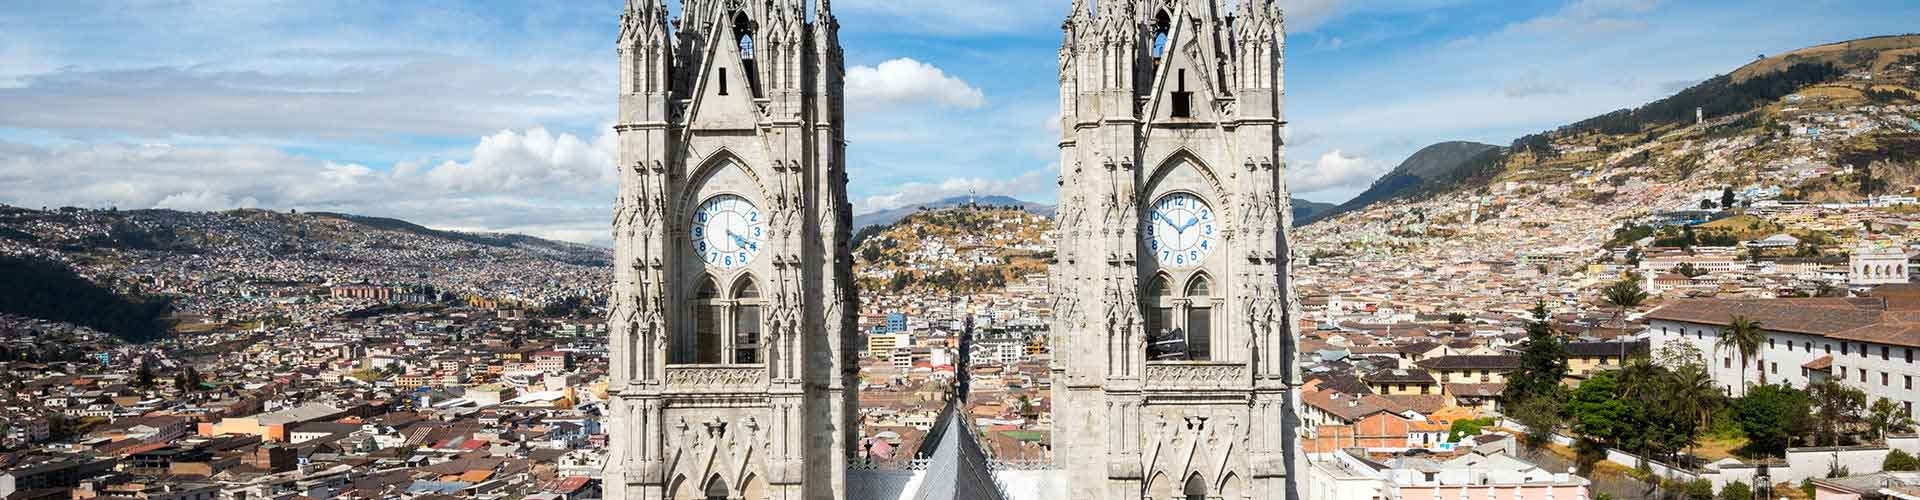 Quito - Albergues en Quito. Mapas de Quito, Fotos y Comentarios para cada Albergue en Quito.